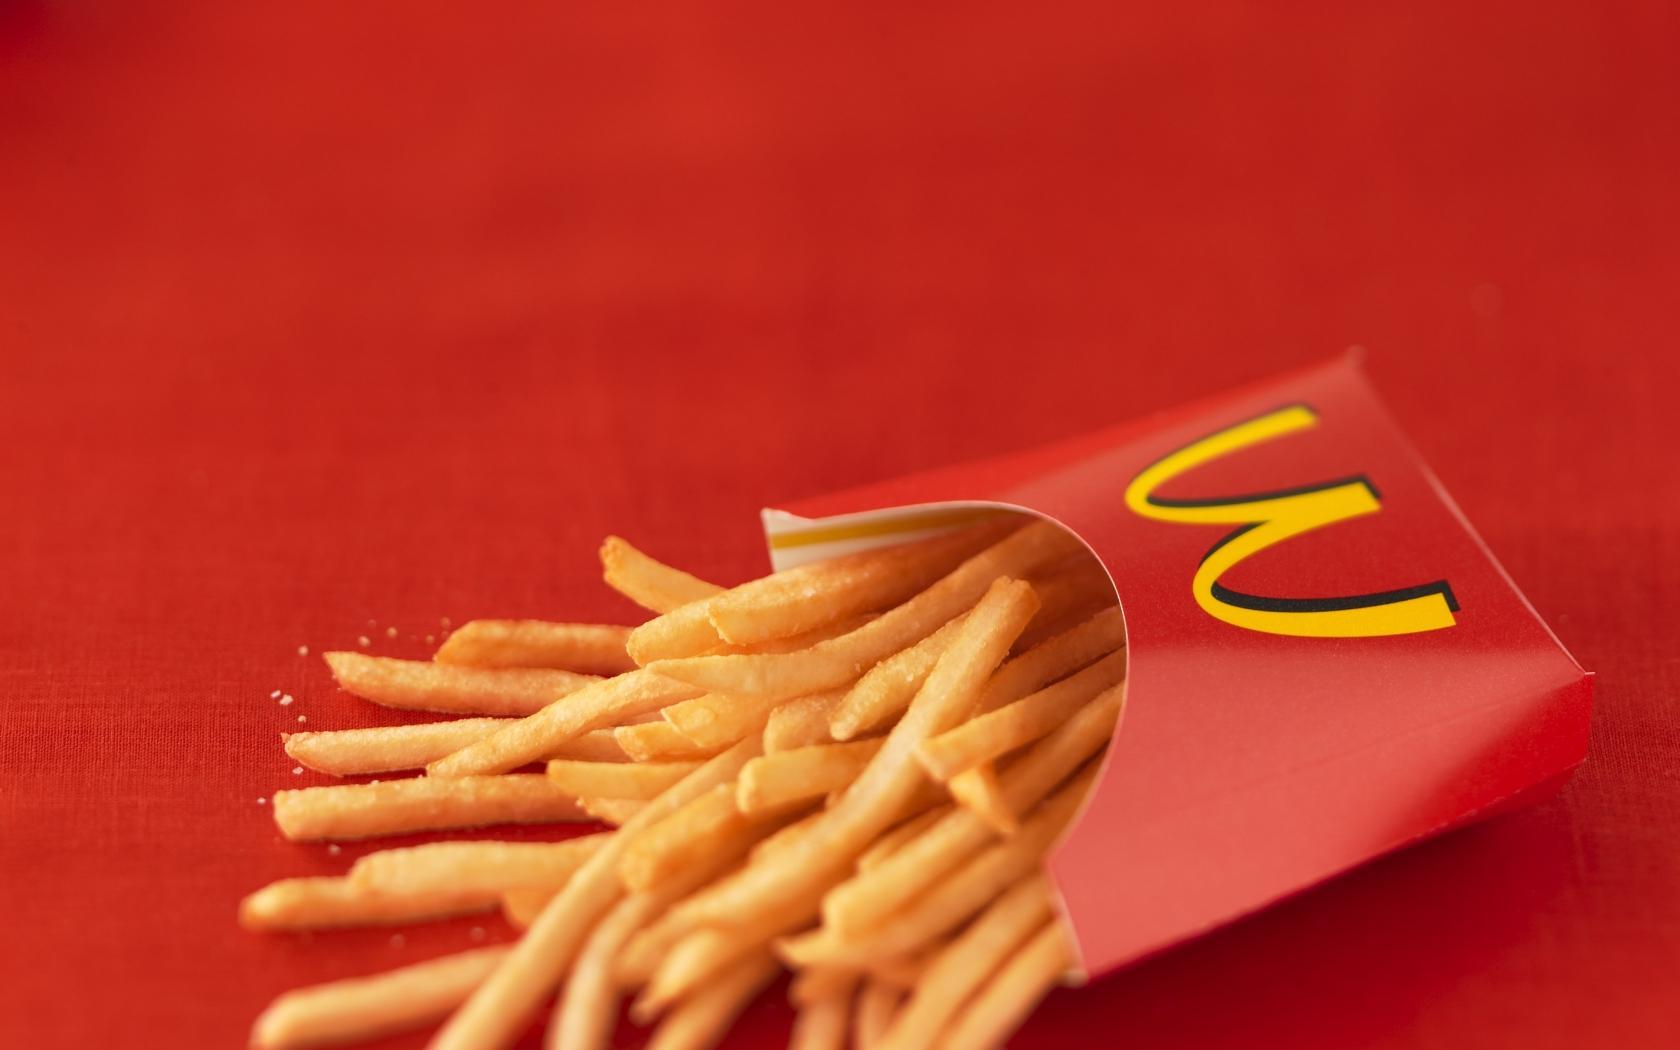 McDonalds Wallpapers